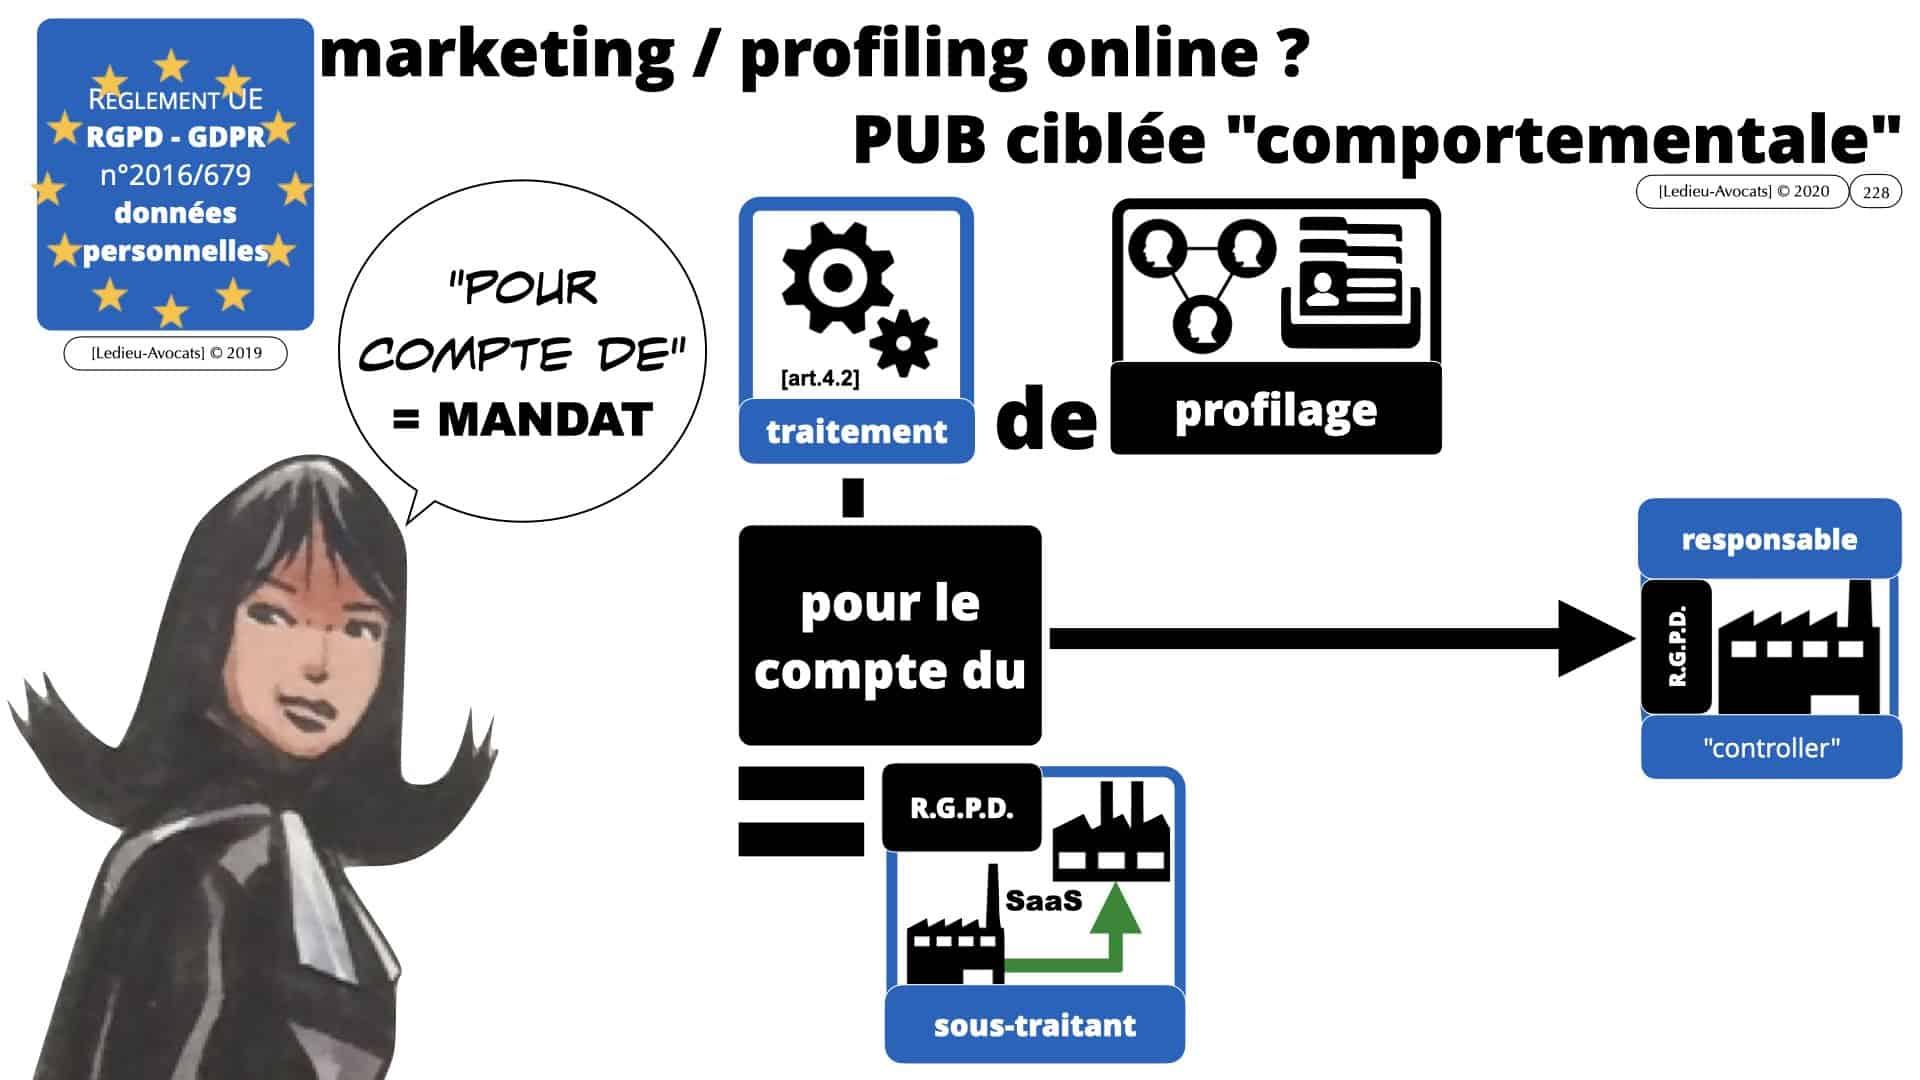 RGPD e-Privacy données personnelles jurisprudence formation Lamy Les Echos 10-02-2021 ©Ledieu-Avocats.228